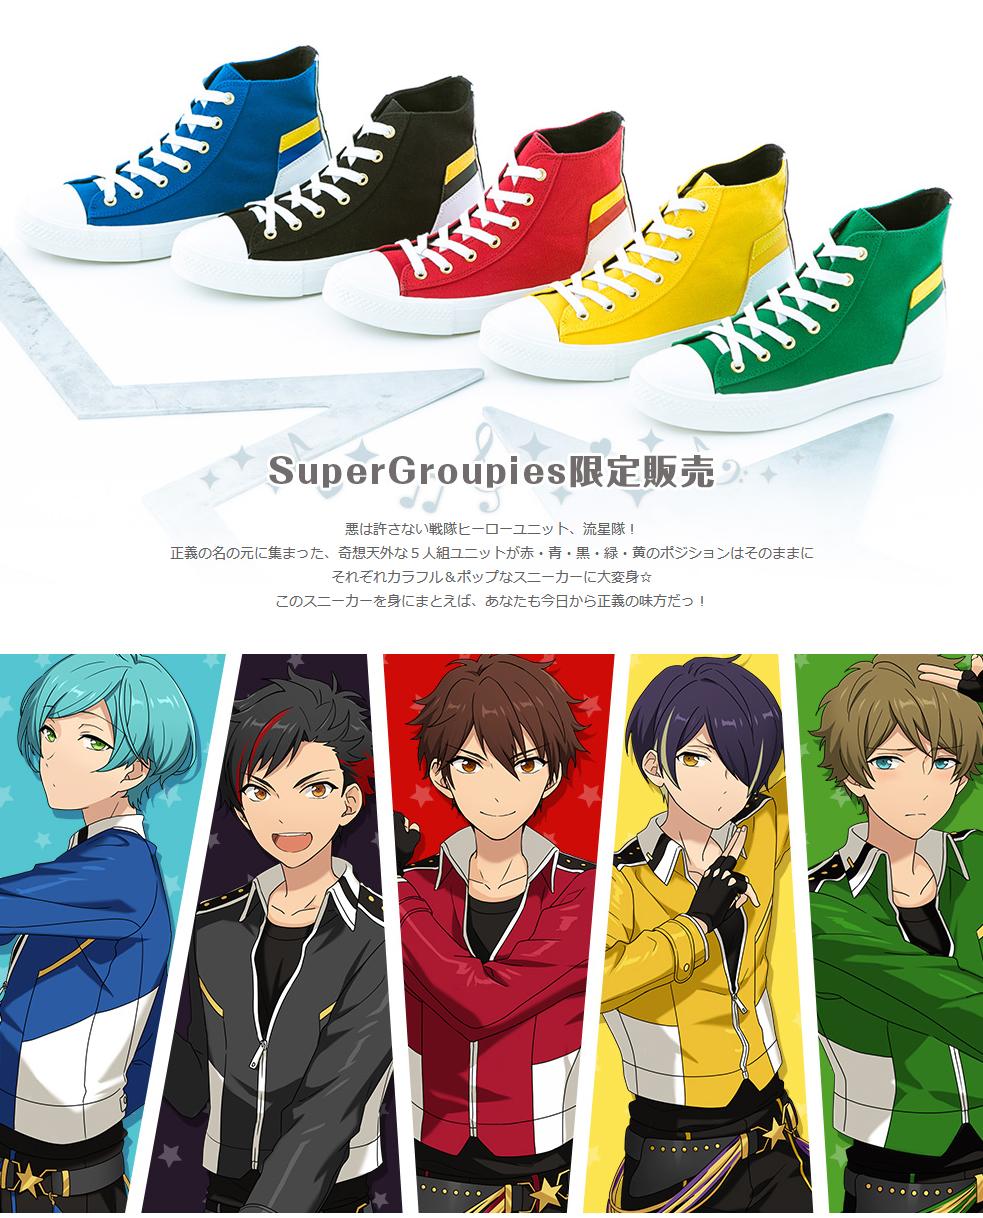 【アイナナ新グッズ】「SuperGroupies」から流星隊のカラフルなコラボスニーカーが登場!